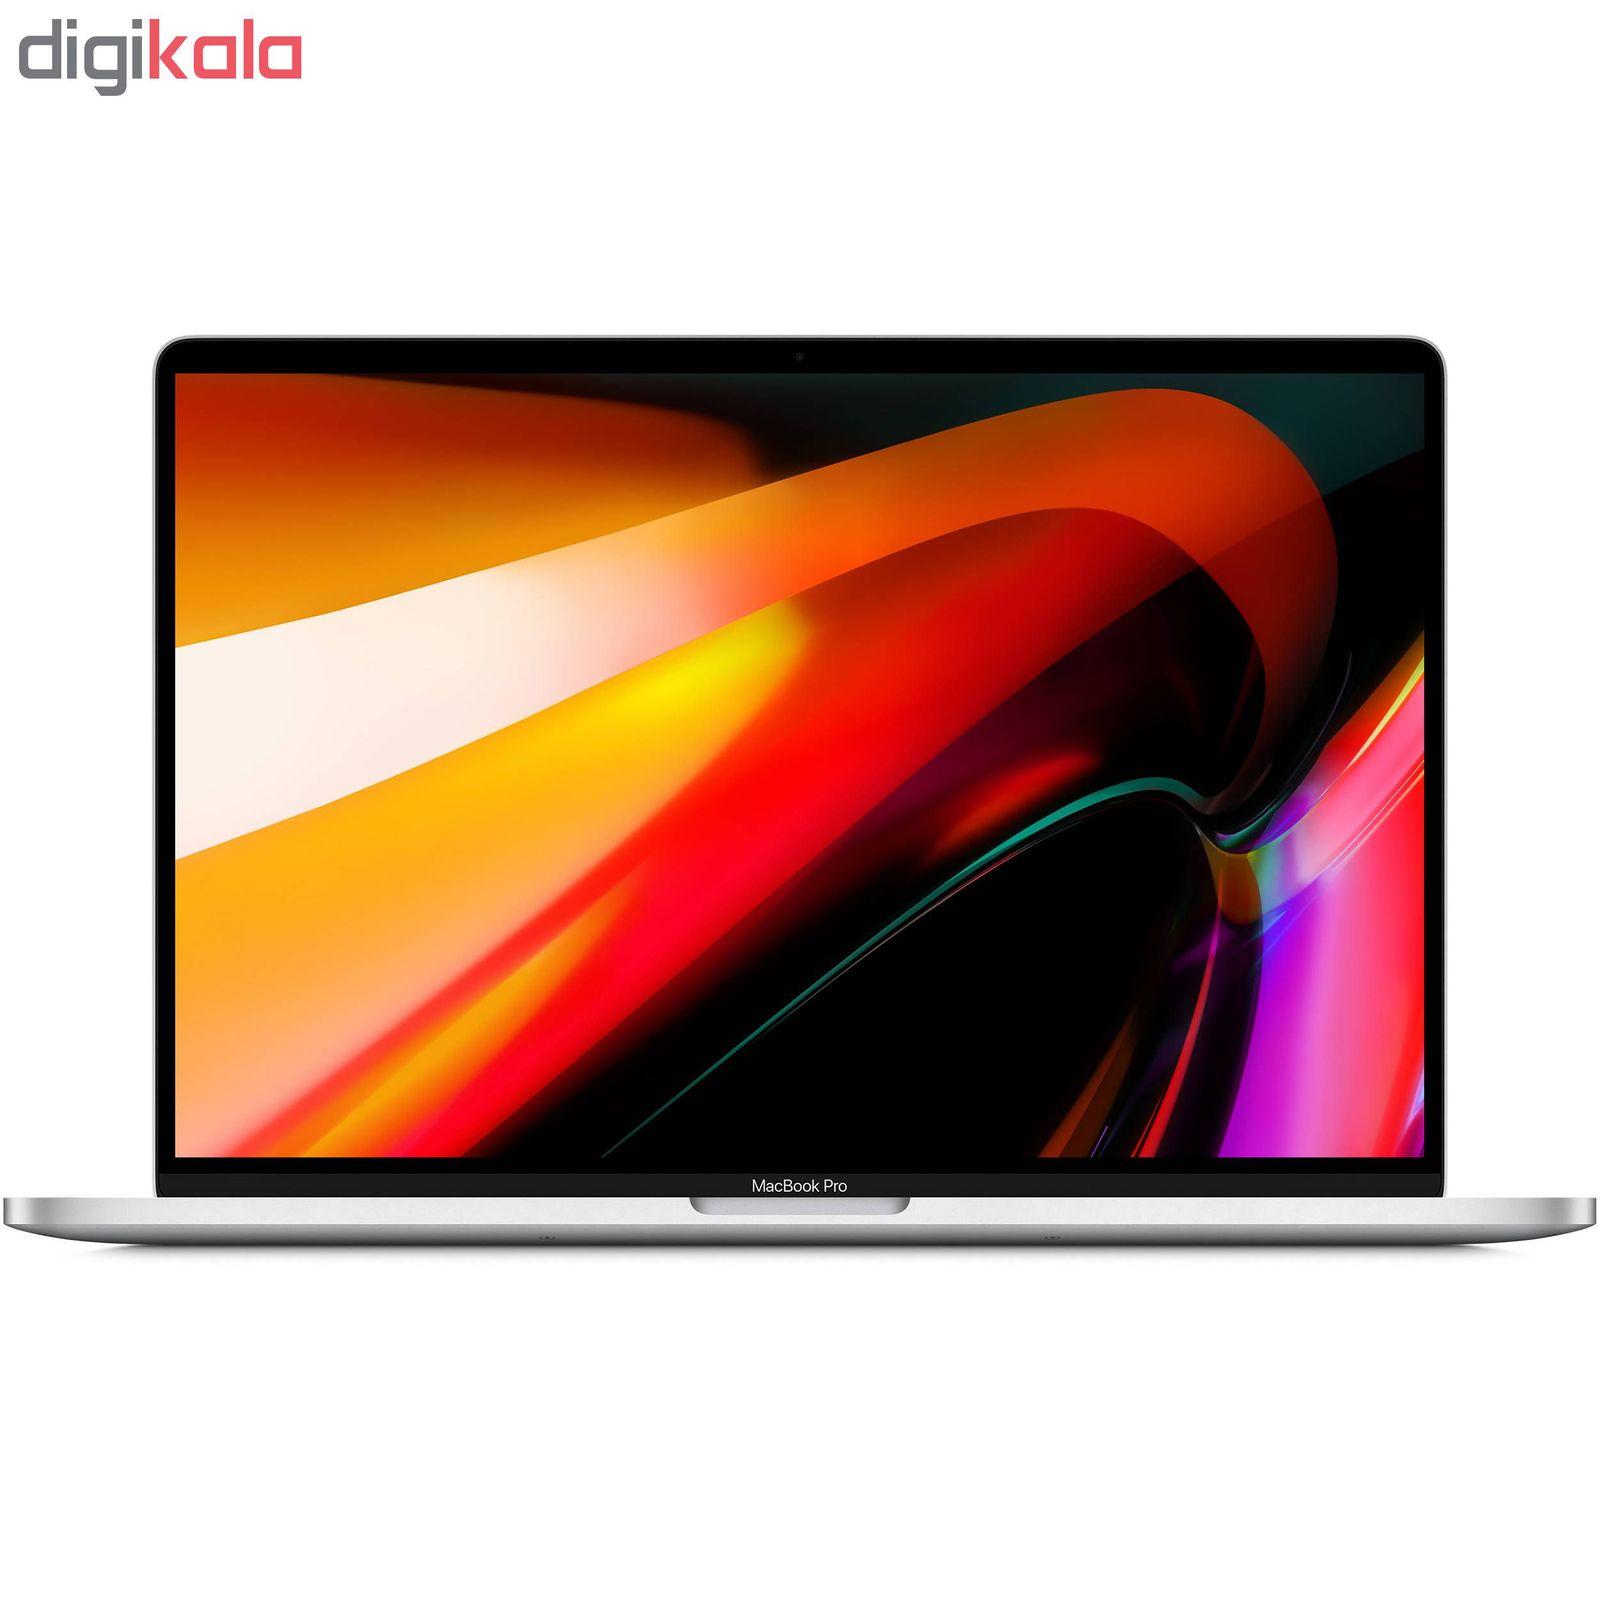 لپ تاپ 16 اینچی اپل مدل MacBook Pro MVVL2 2019 همراه با تاچ بار main 1 2